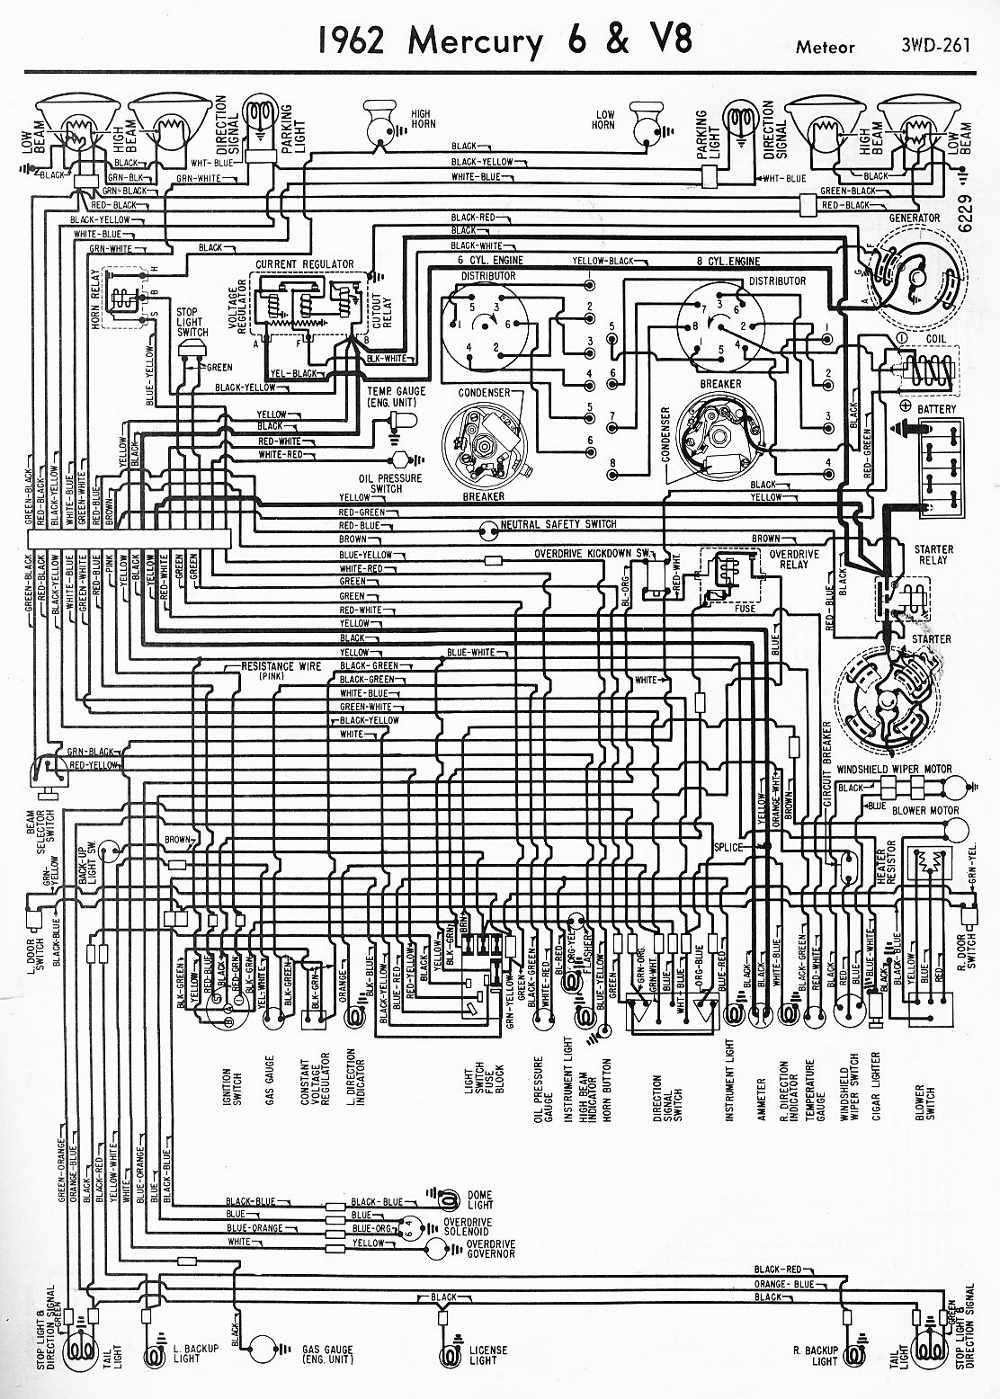 wiring diagrams of 1962 mercury v8 monterey wire data schema u2022 rh cccgroup co